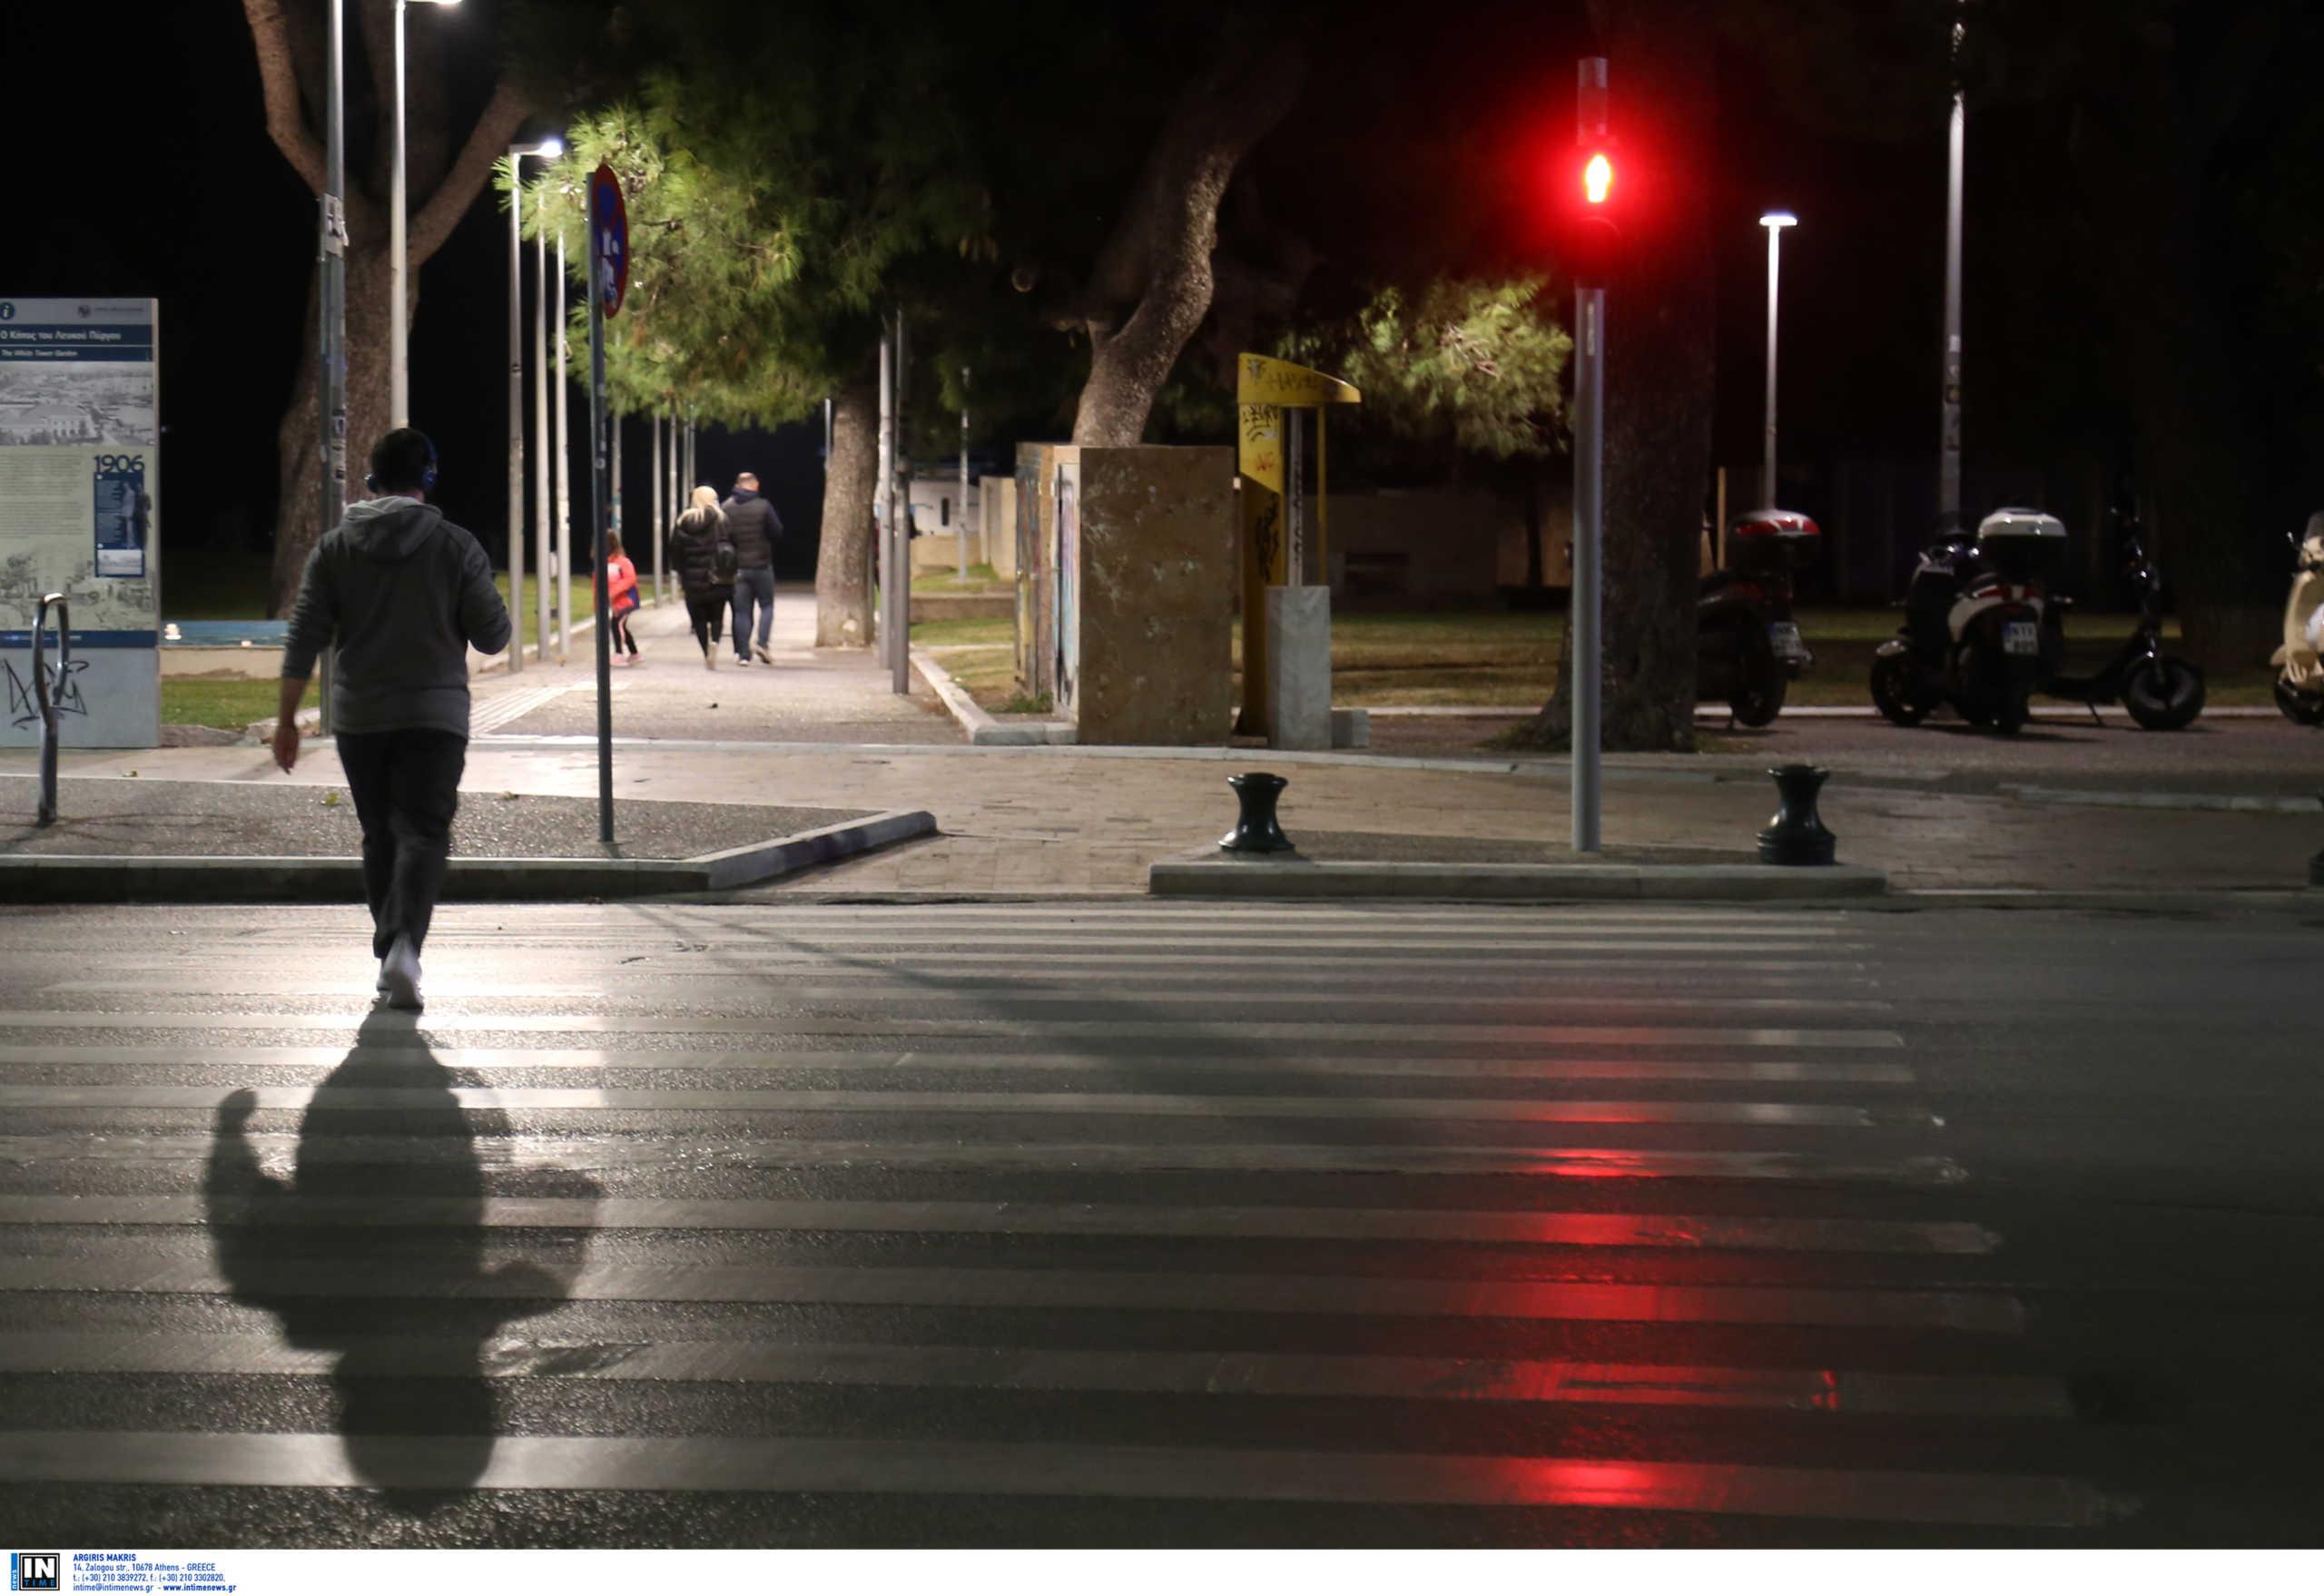 Κορονοϊός: Συζητήσεις για νέους περιορισμούς στις μετακινήσεις! Κρίσιμη η νέα εβδομάδα με κλειστά και τα δημοτικά σχολεία